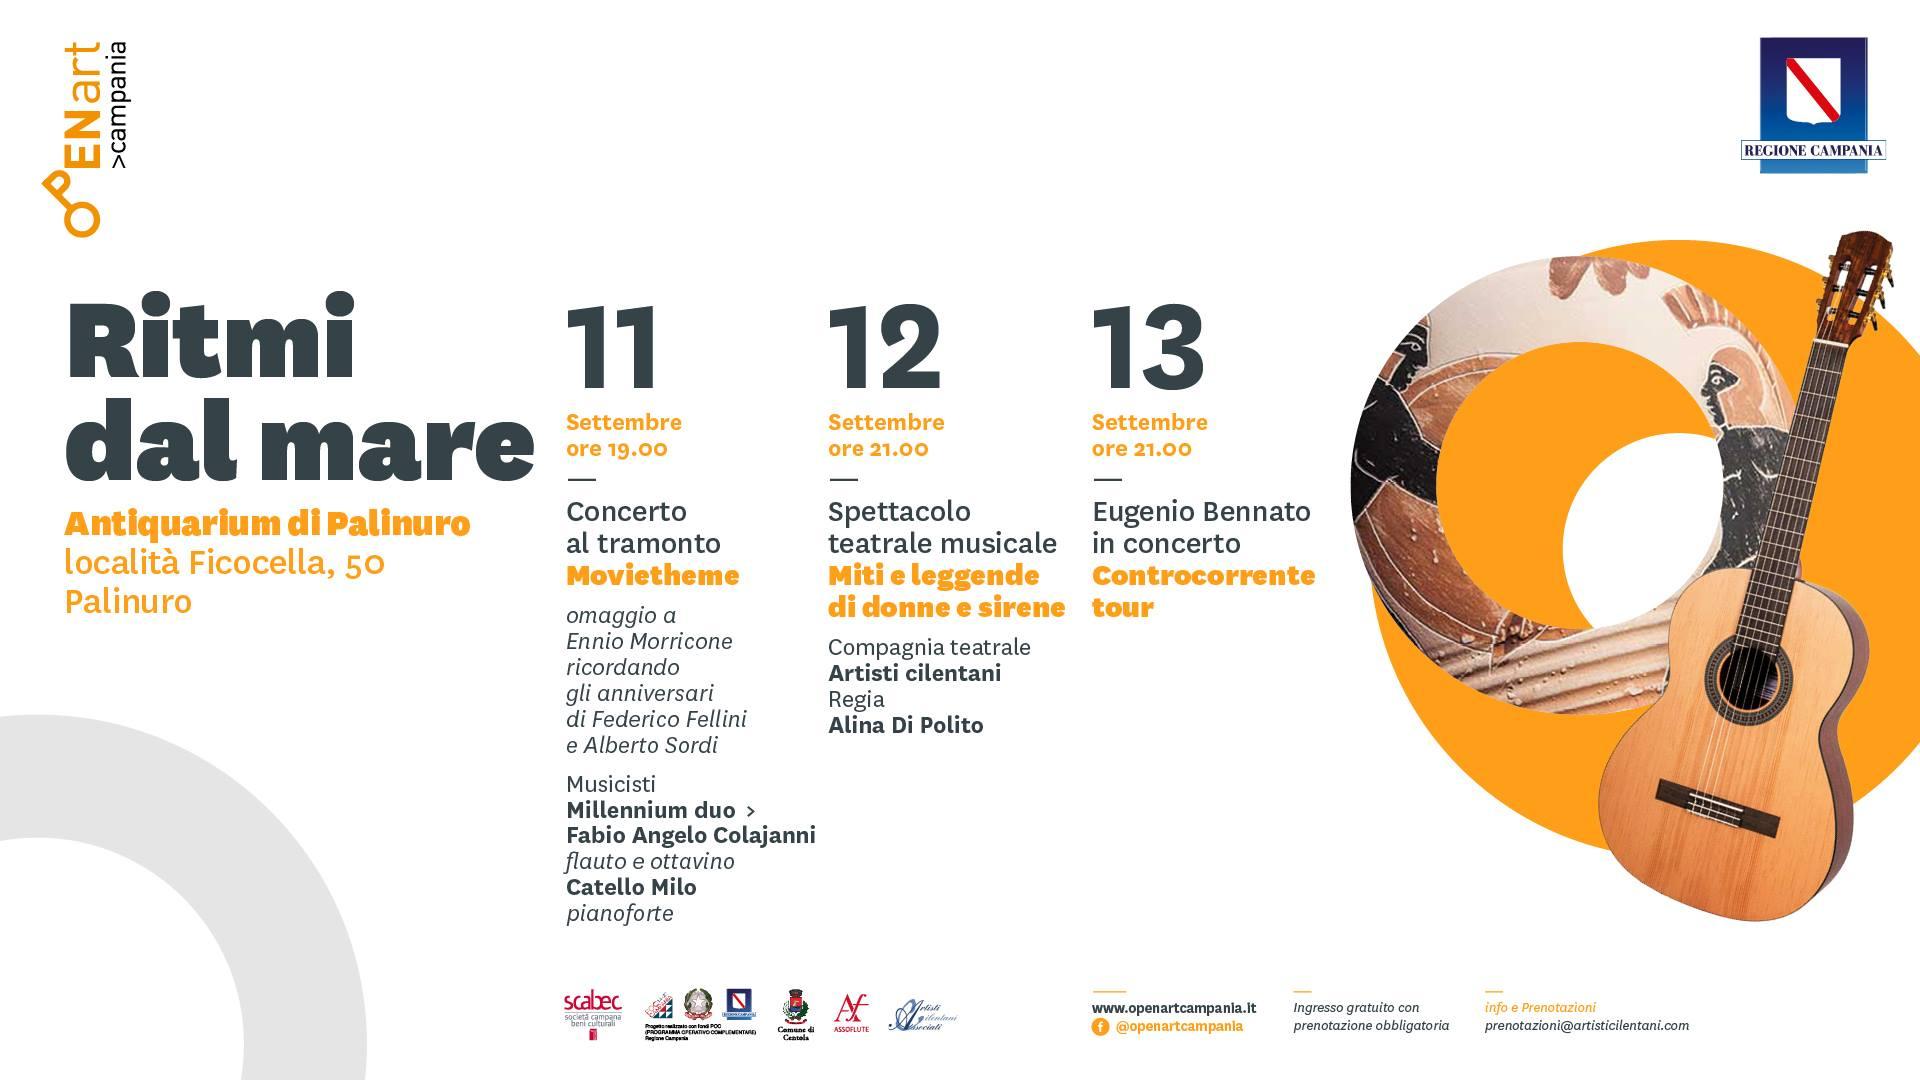 Ritmi dal mare: il 13 Settembre Bennato in concerto a Palinuro